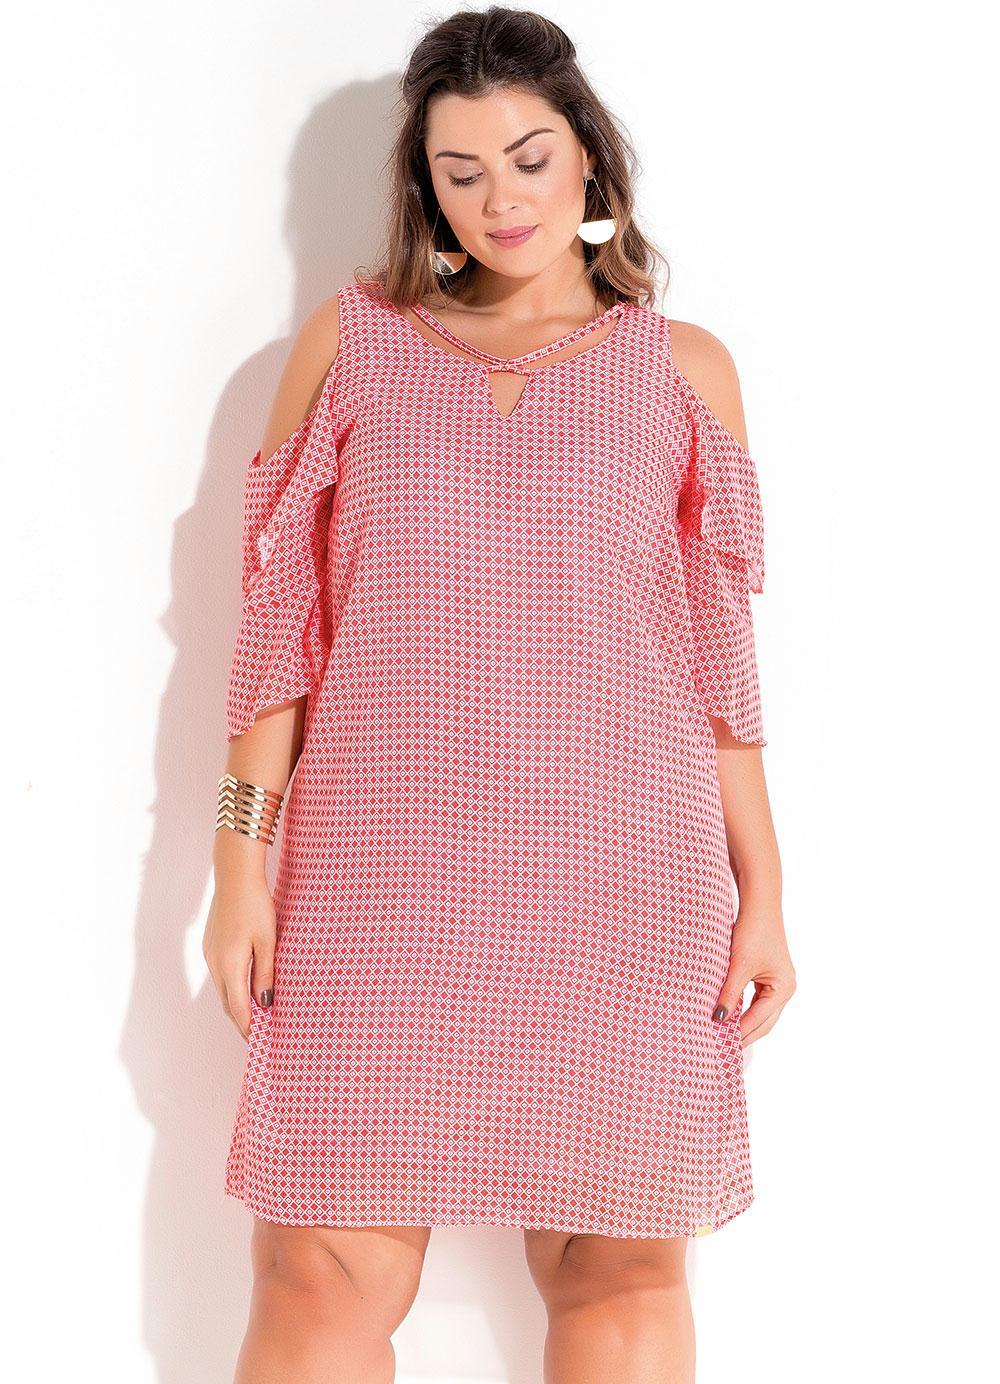 eca4cbea0 Vestido em Chiffon Rosa Estampado Plus Size - Quintess